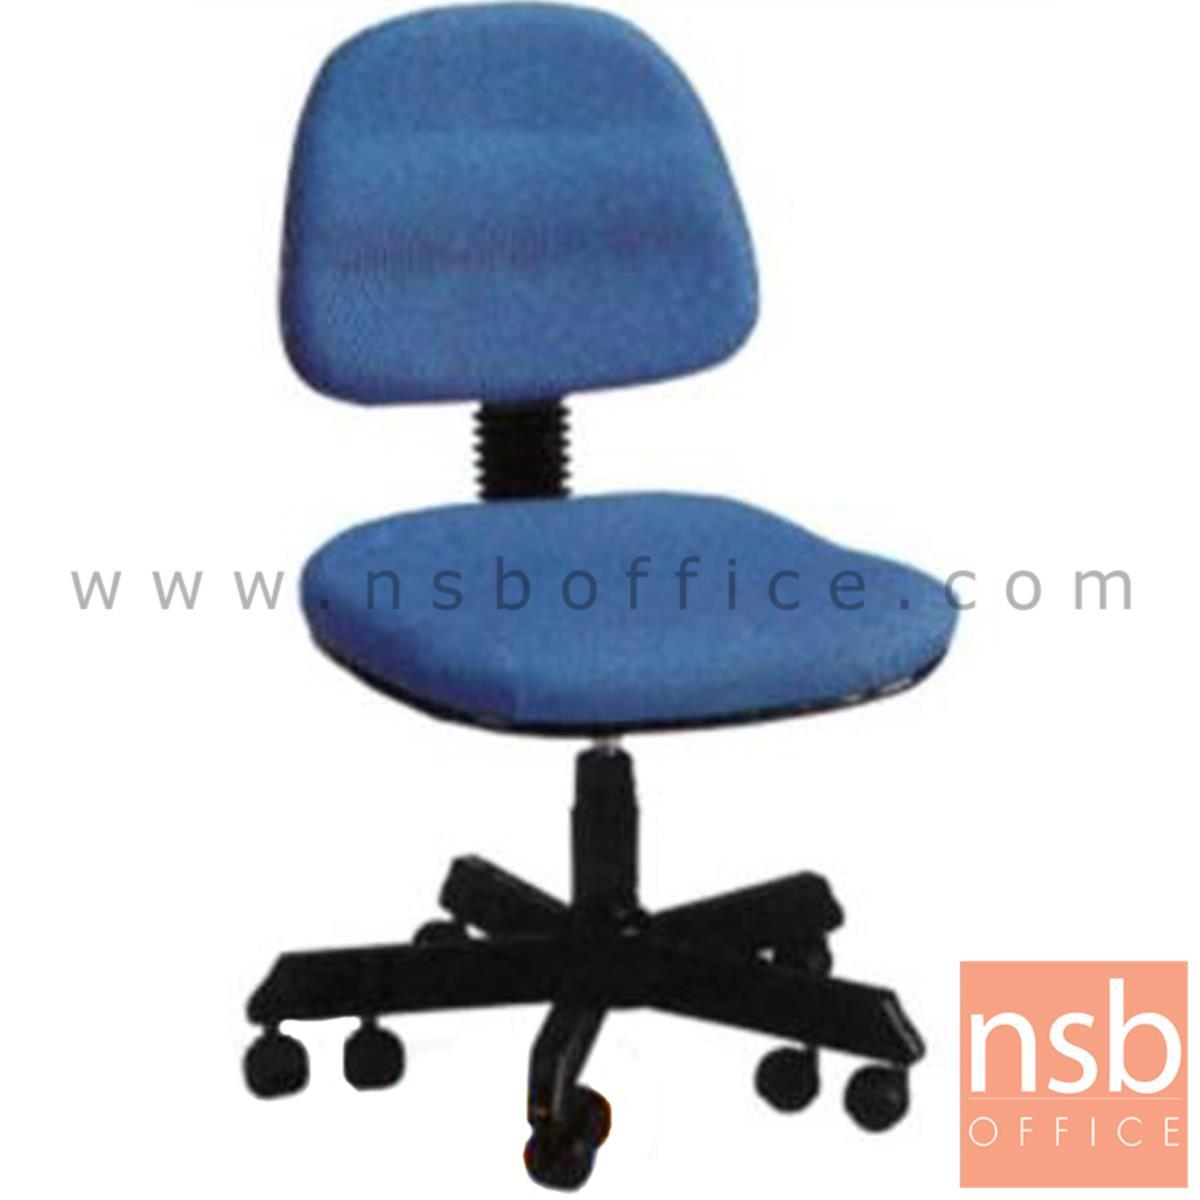 B14A023:เก้าอี้สำนักงาน รุ่น Portman  ขาเหล็ก 10 ล้อ ไม่มีท้าวแขน